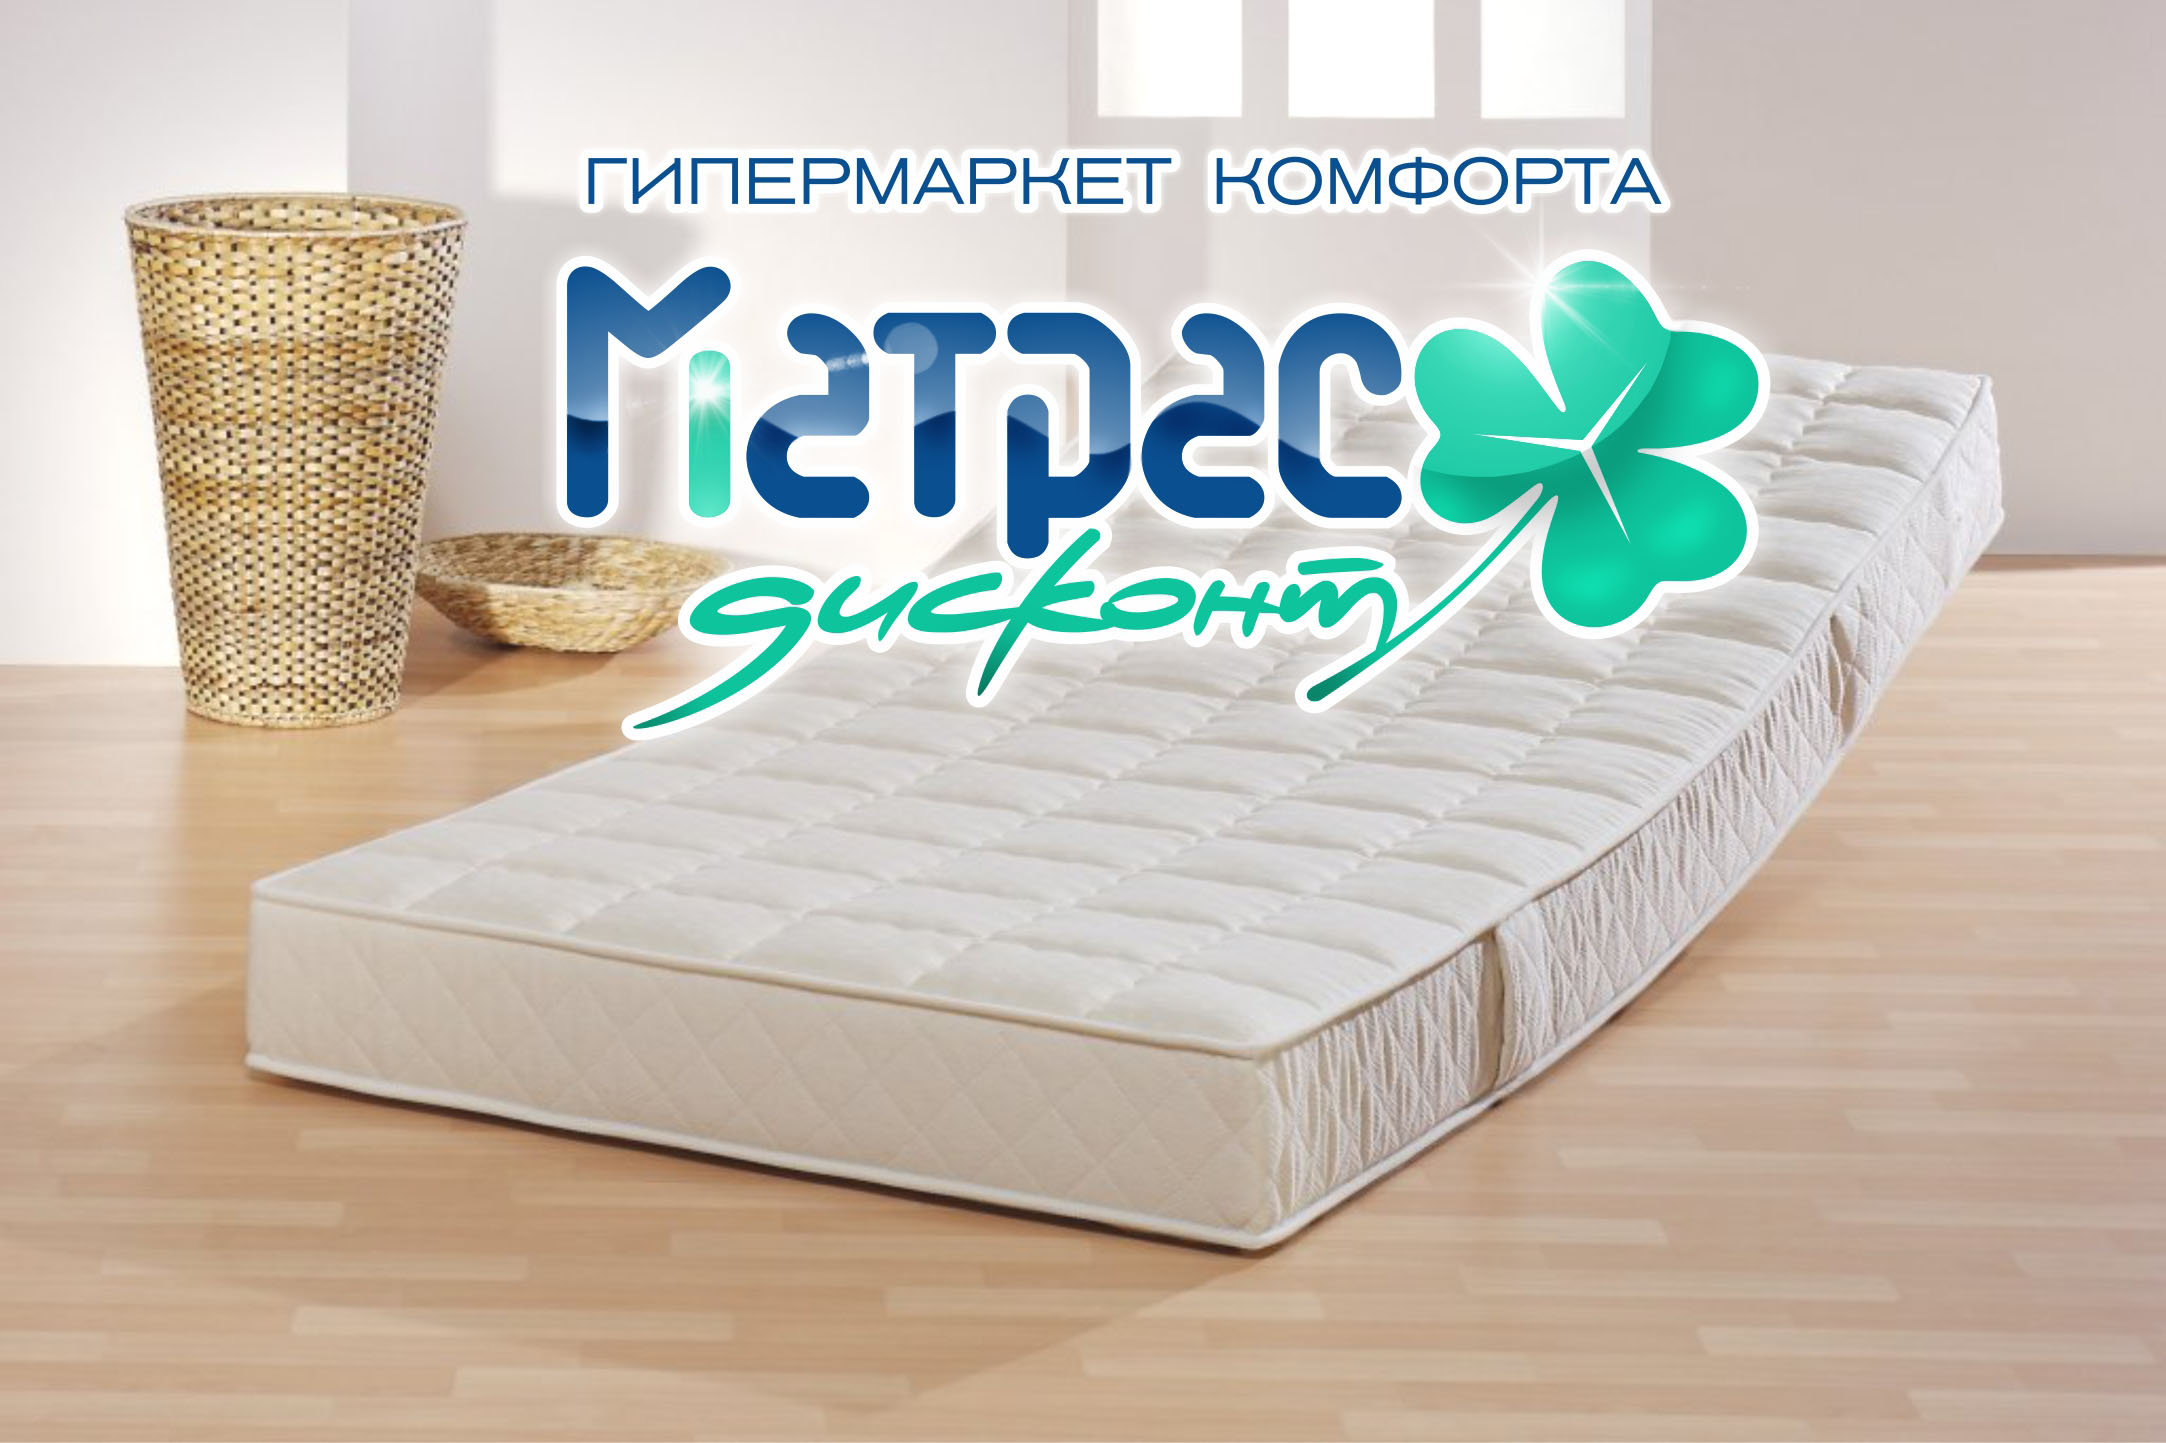 Логотип для ИМ матрасов фото f_1245c87b24b3608b.jpg